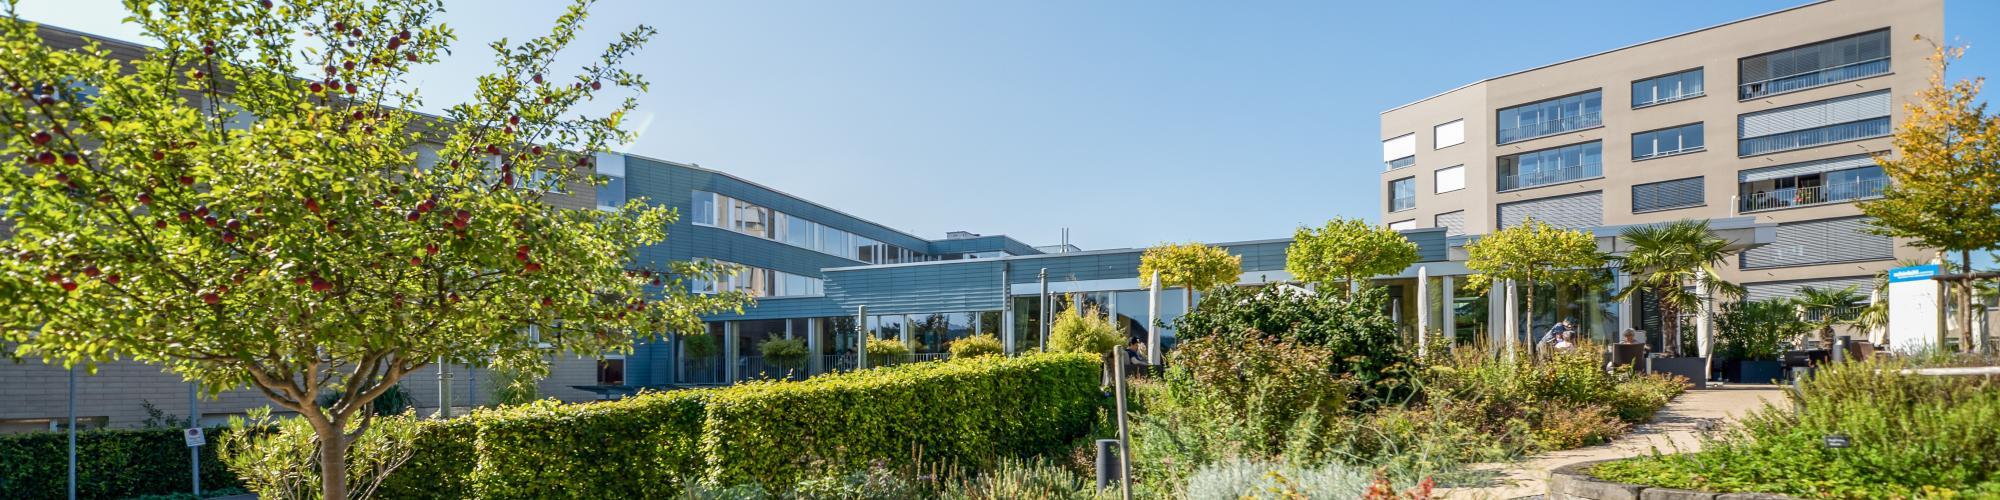 Schönbühl - Kompetenzzentrum für Lebensqualität